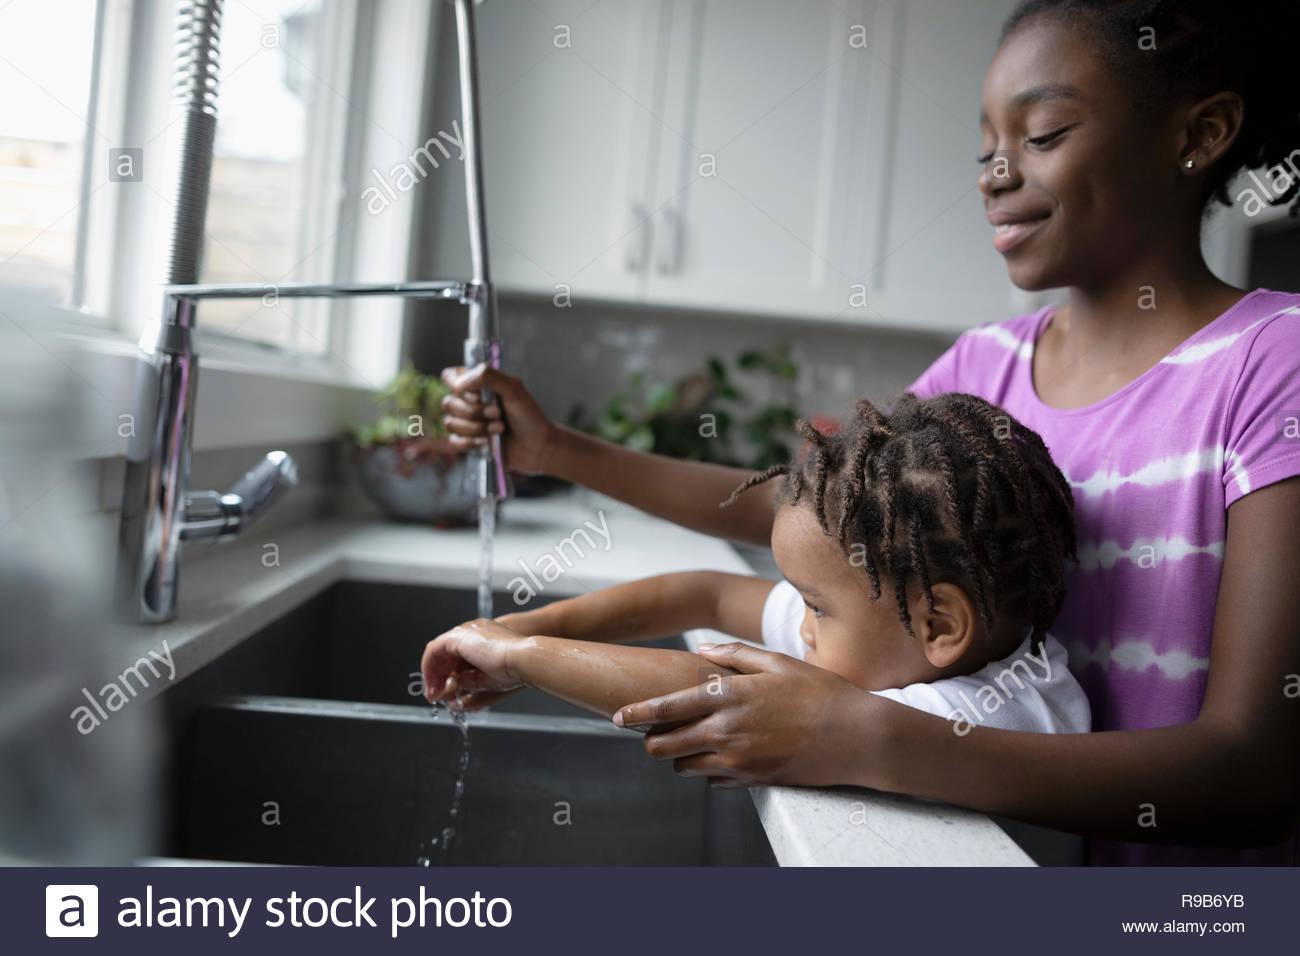 Sœur aidant tout-petit frère se laver les mains à l'évier de cuisine Photo Stock